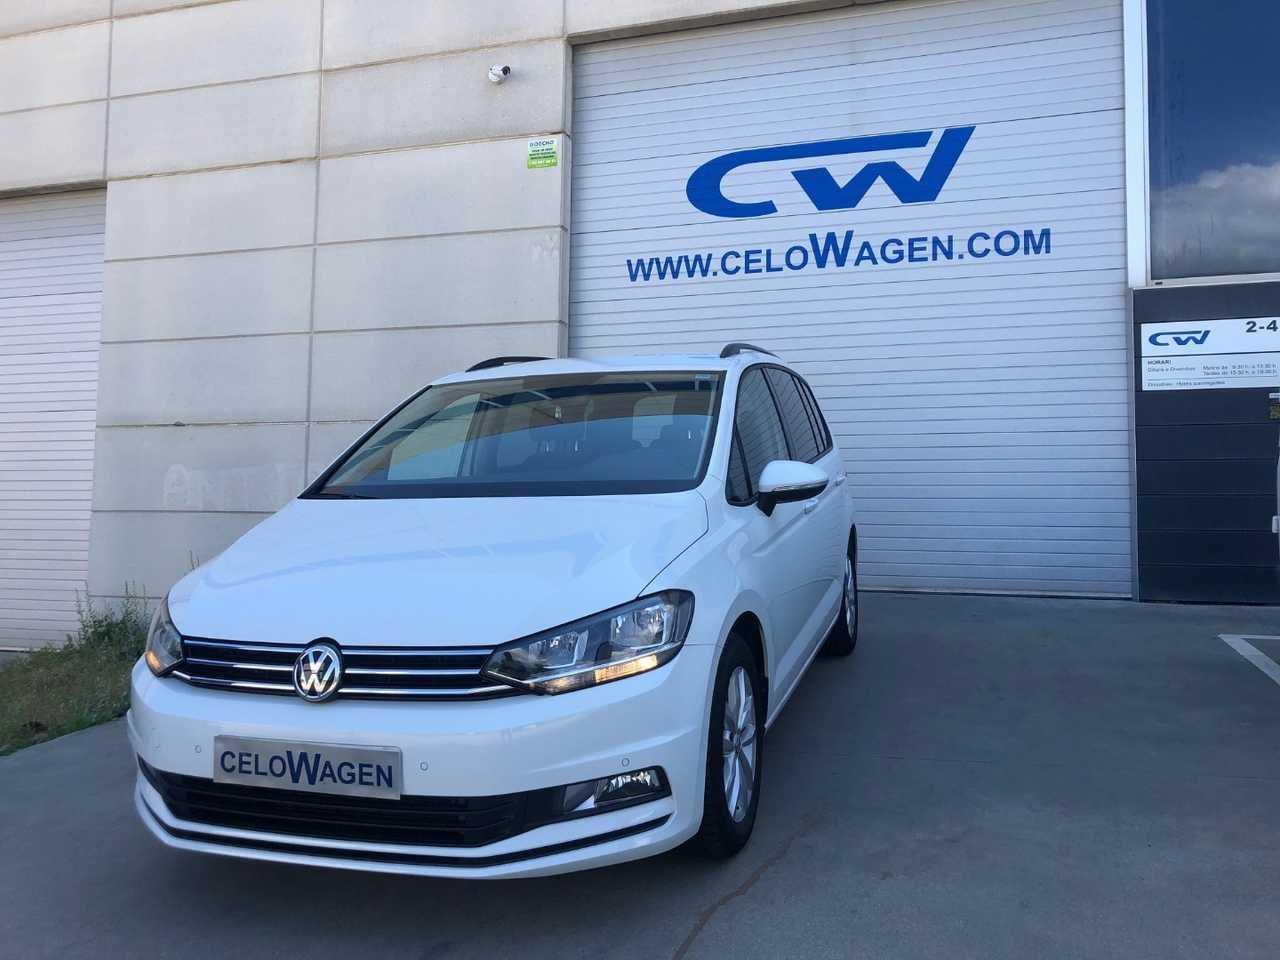 Volkswagen Touran 1.4 TSI BMT Advance DSG 110kW   - Foto 1